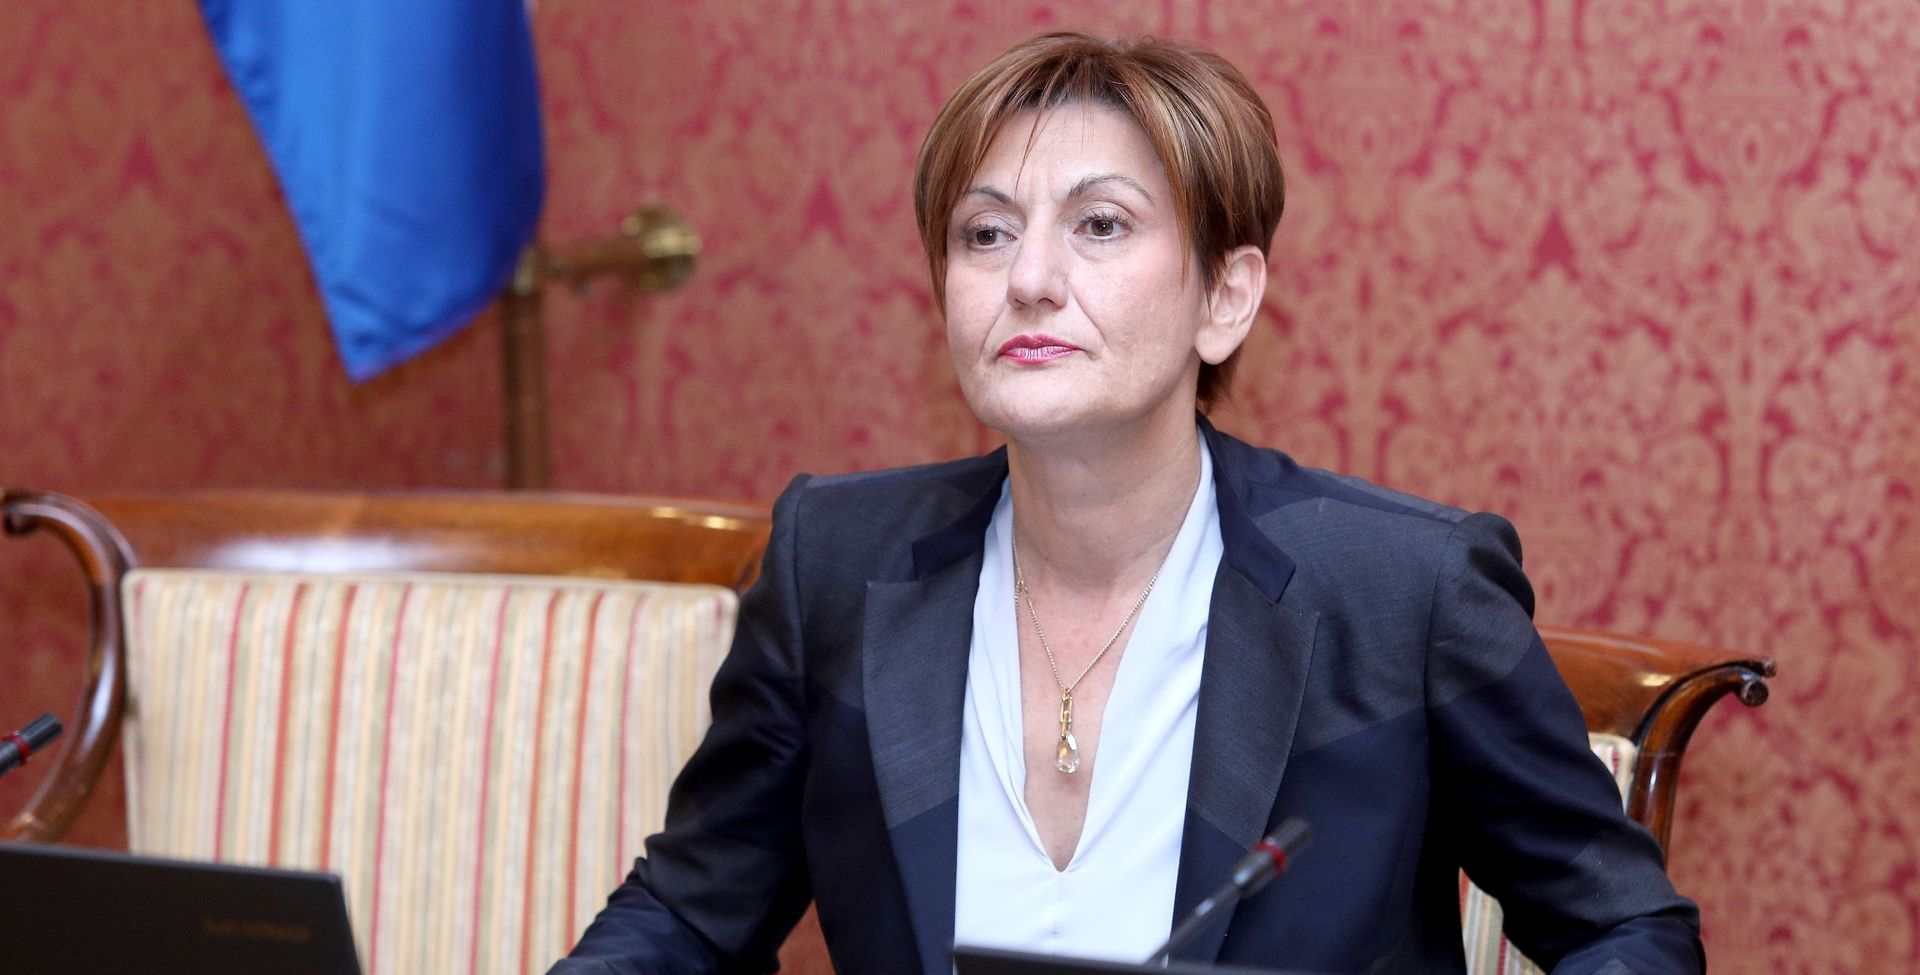 MARTINA DALIĆ 'Todorić i uprava su vrlo dobro znali kakvo je pravo stanje njihovih knjiga'